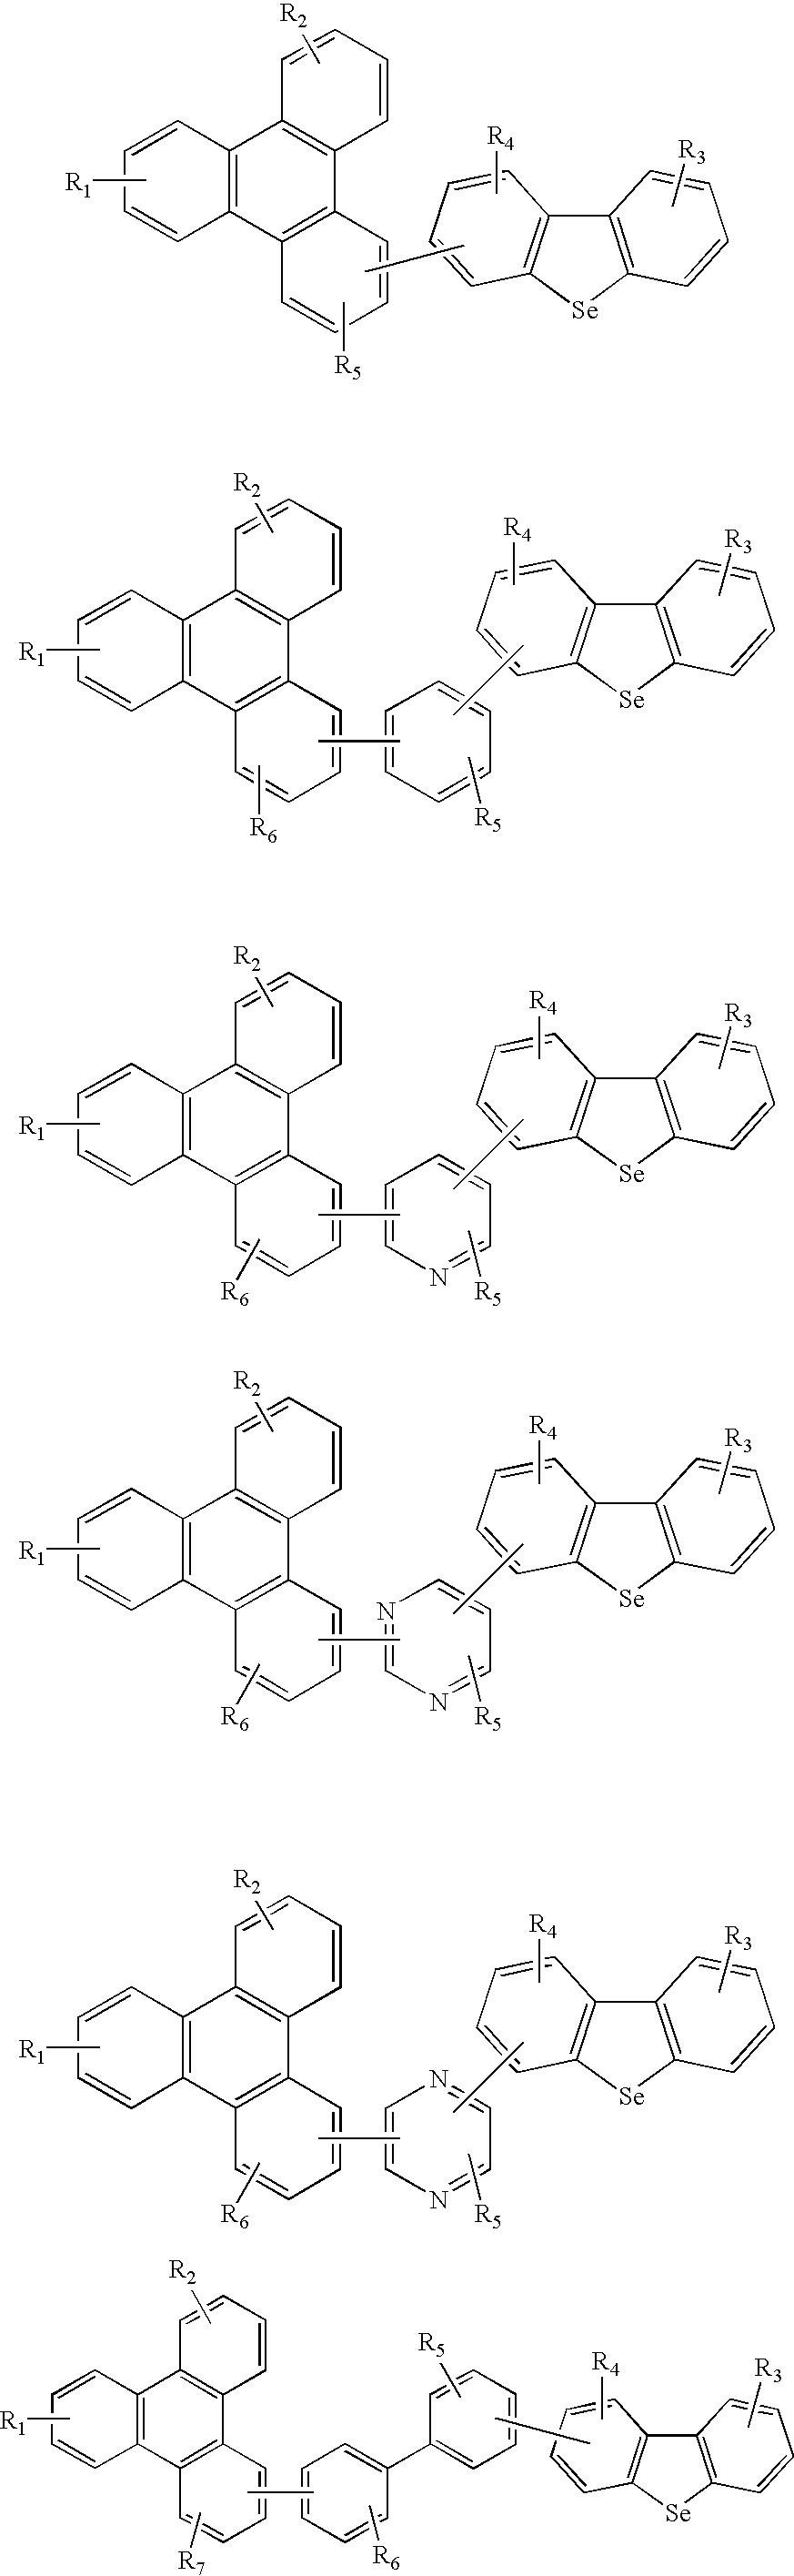 Figure US20100072887A1-20100325-C00233